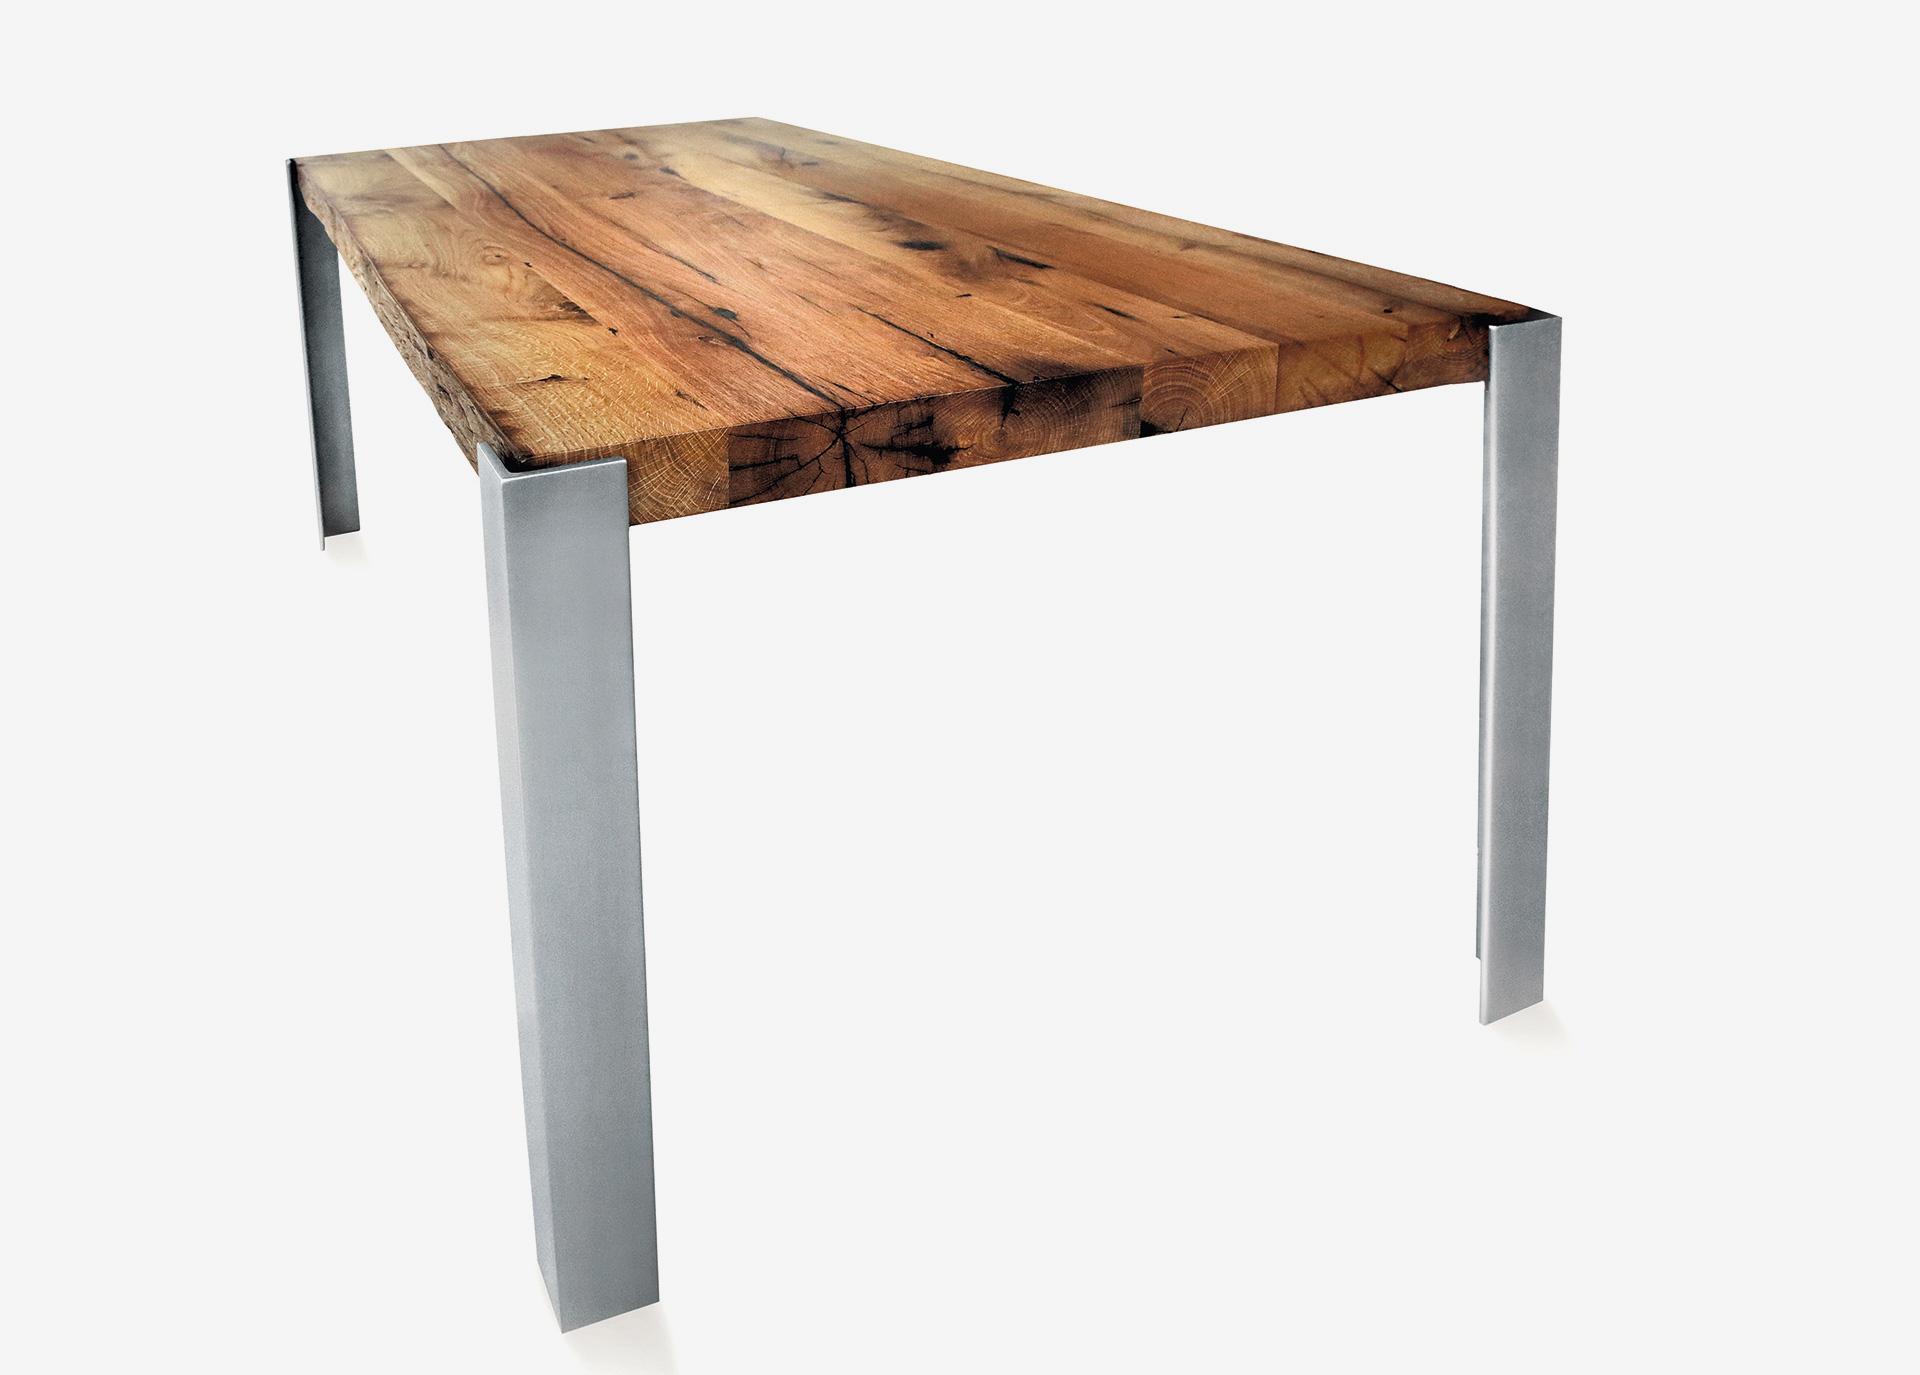 Abacus, Möbel, Holz, Eiche, Tisch